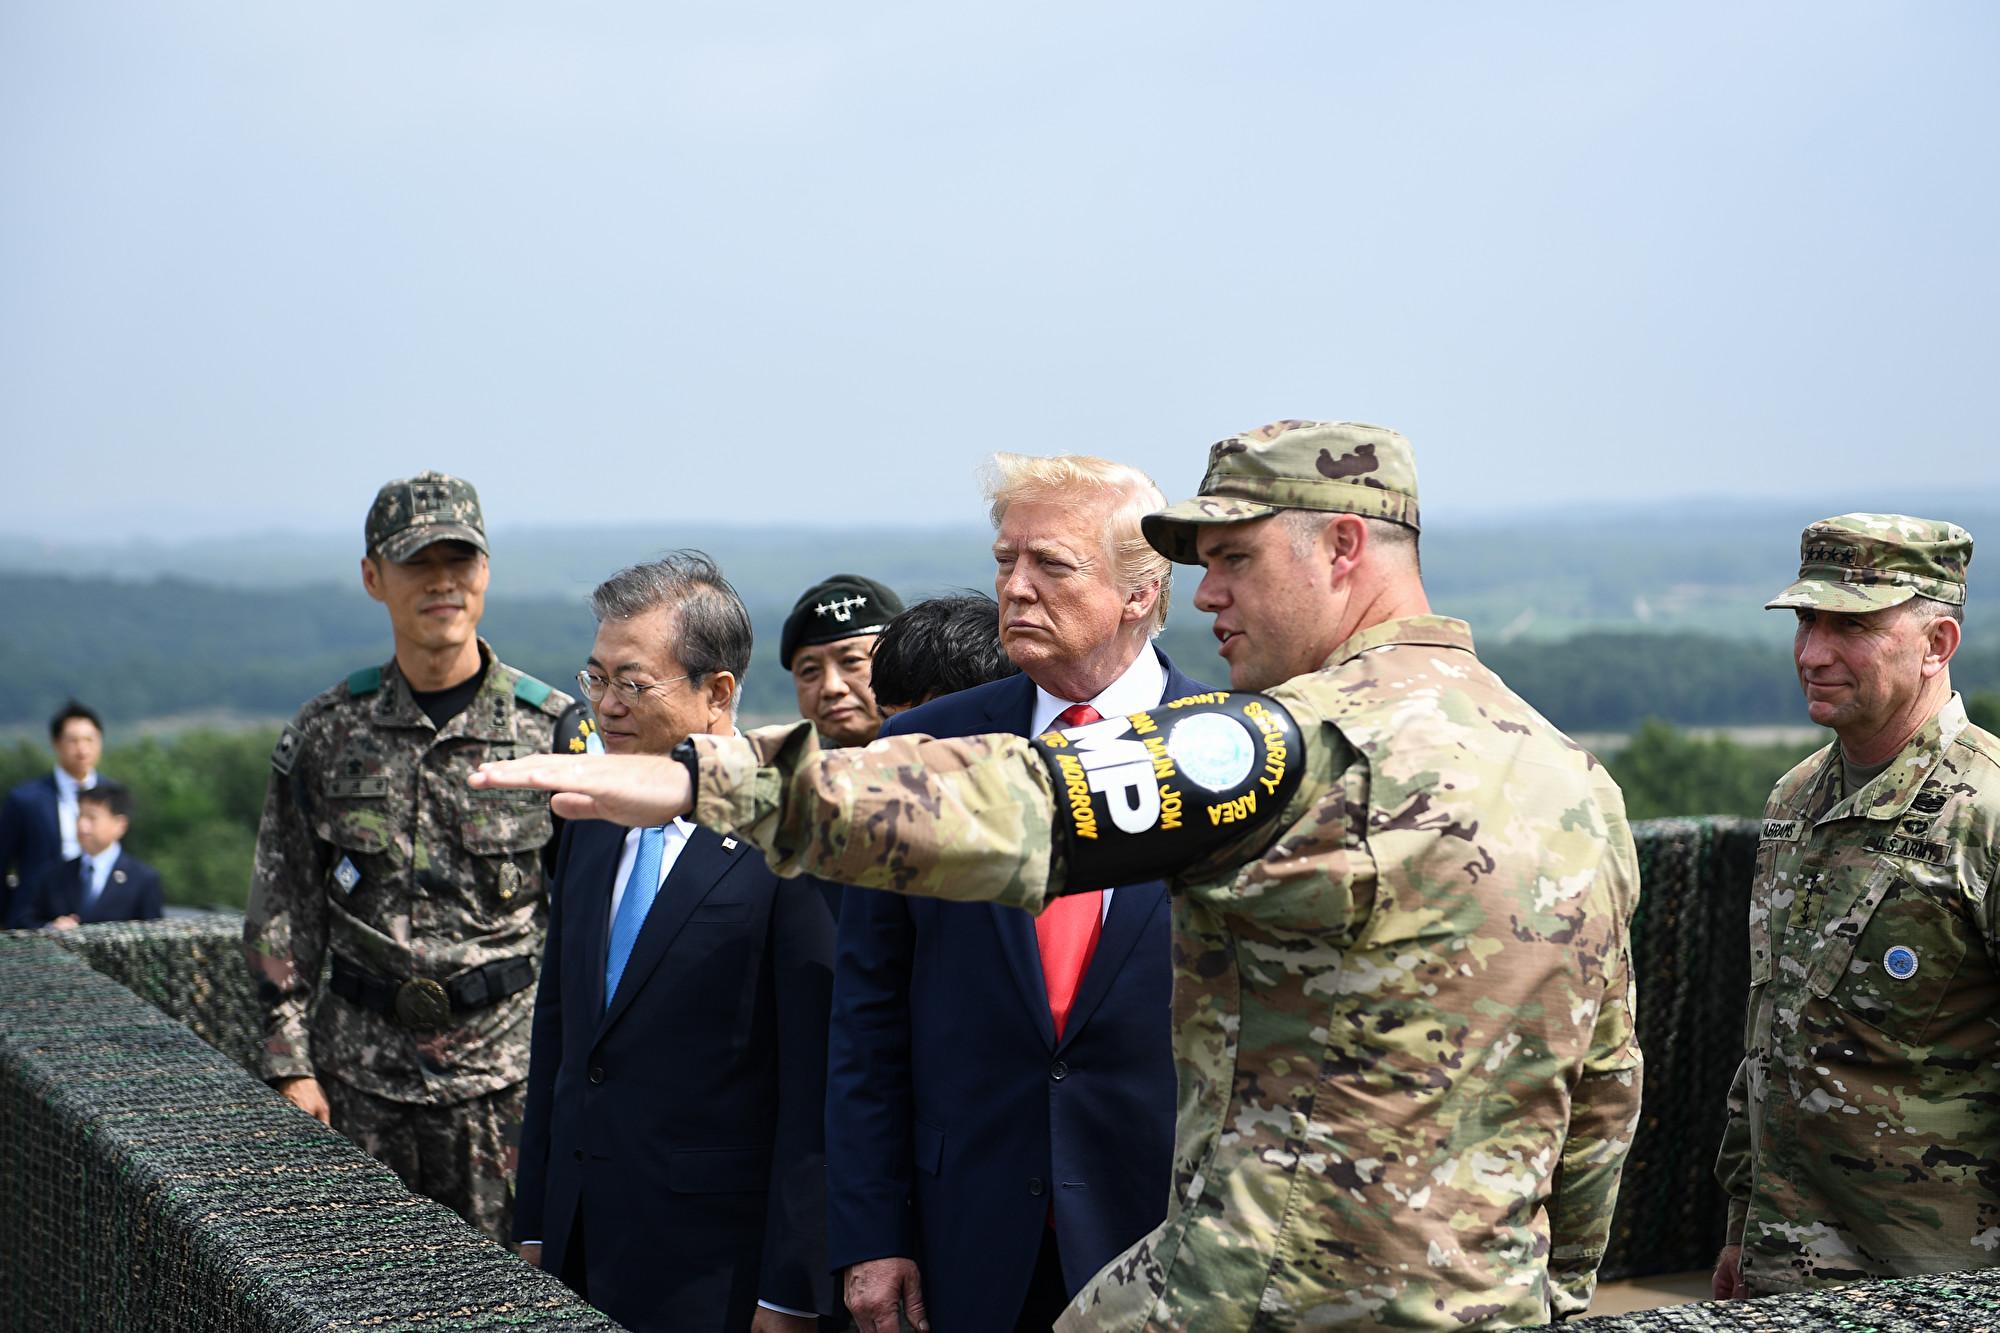 訪問非軍事區 特朗普:這個地方有了巨大改變